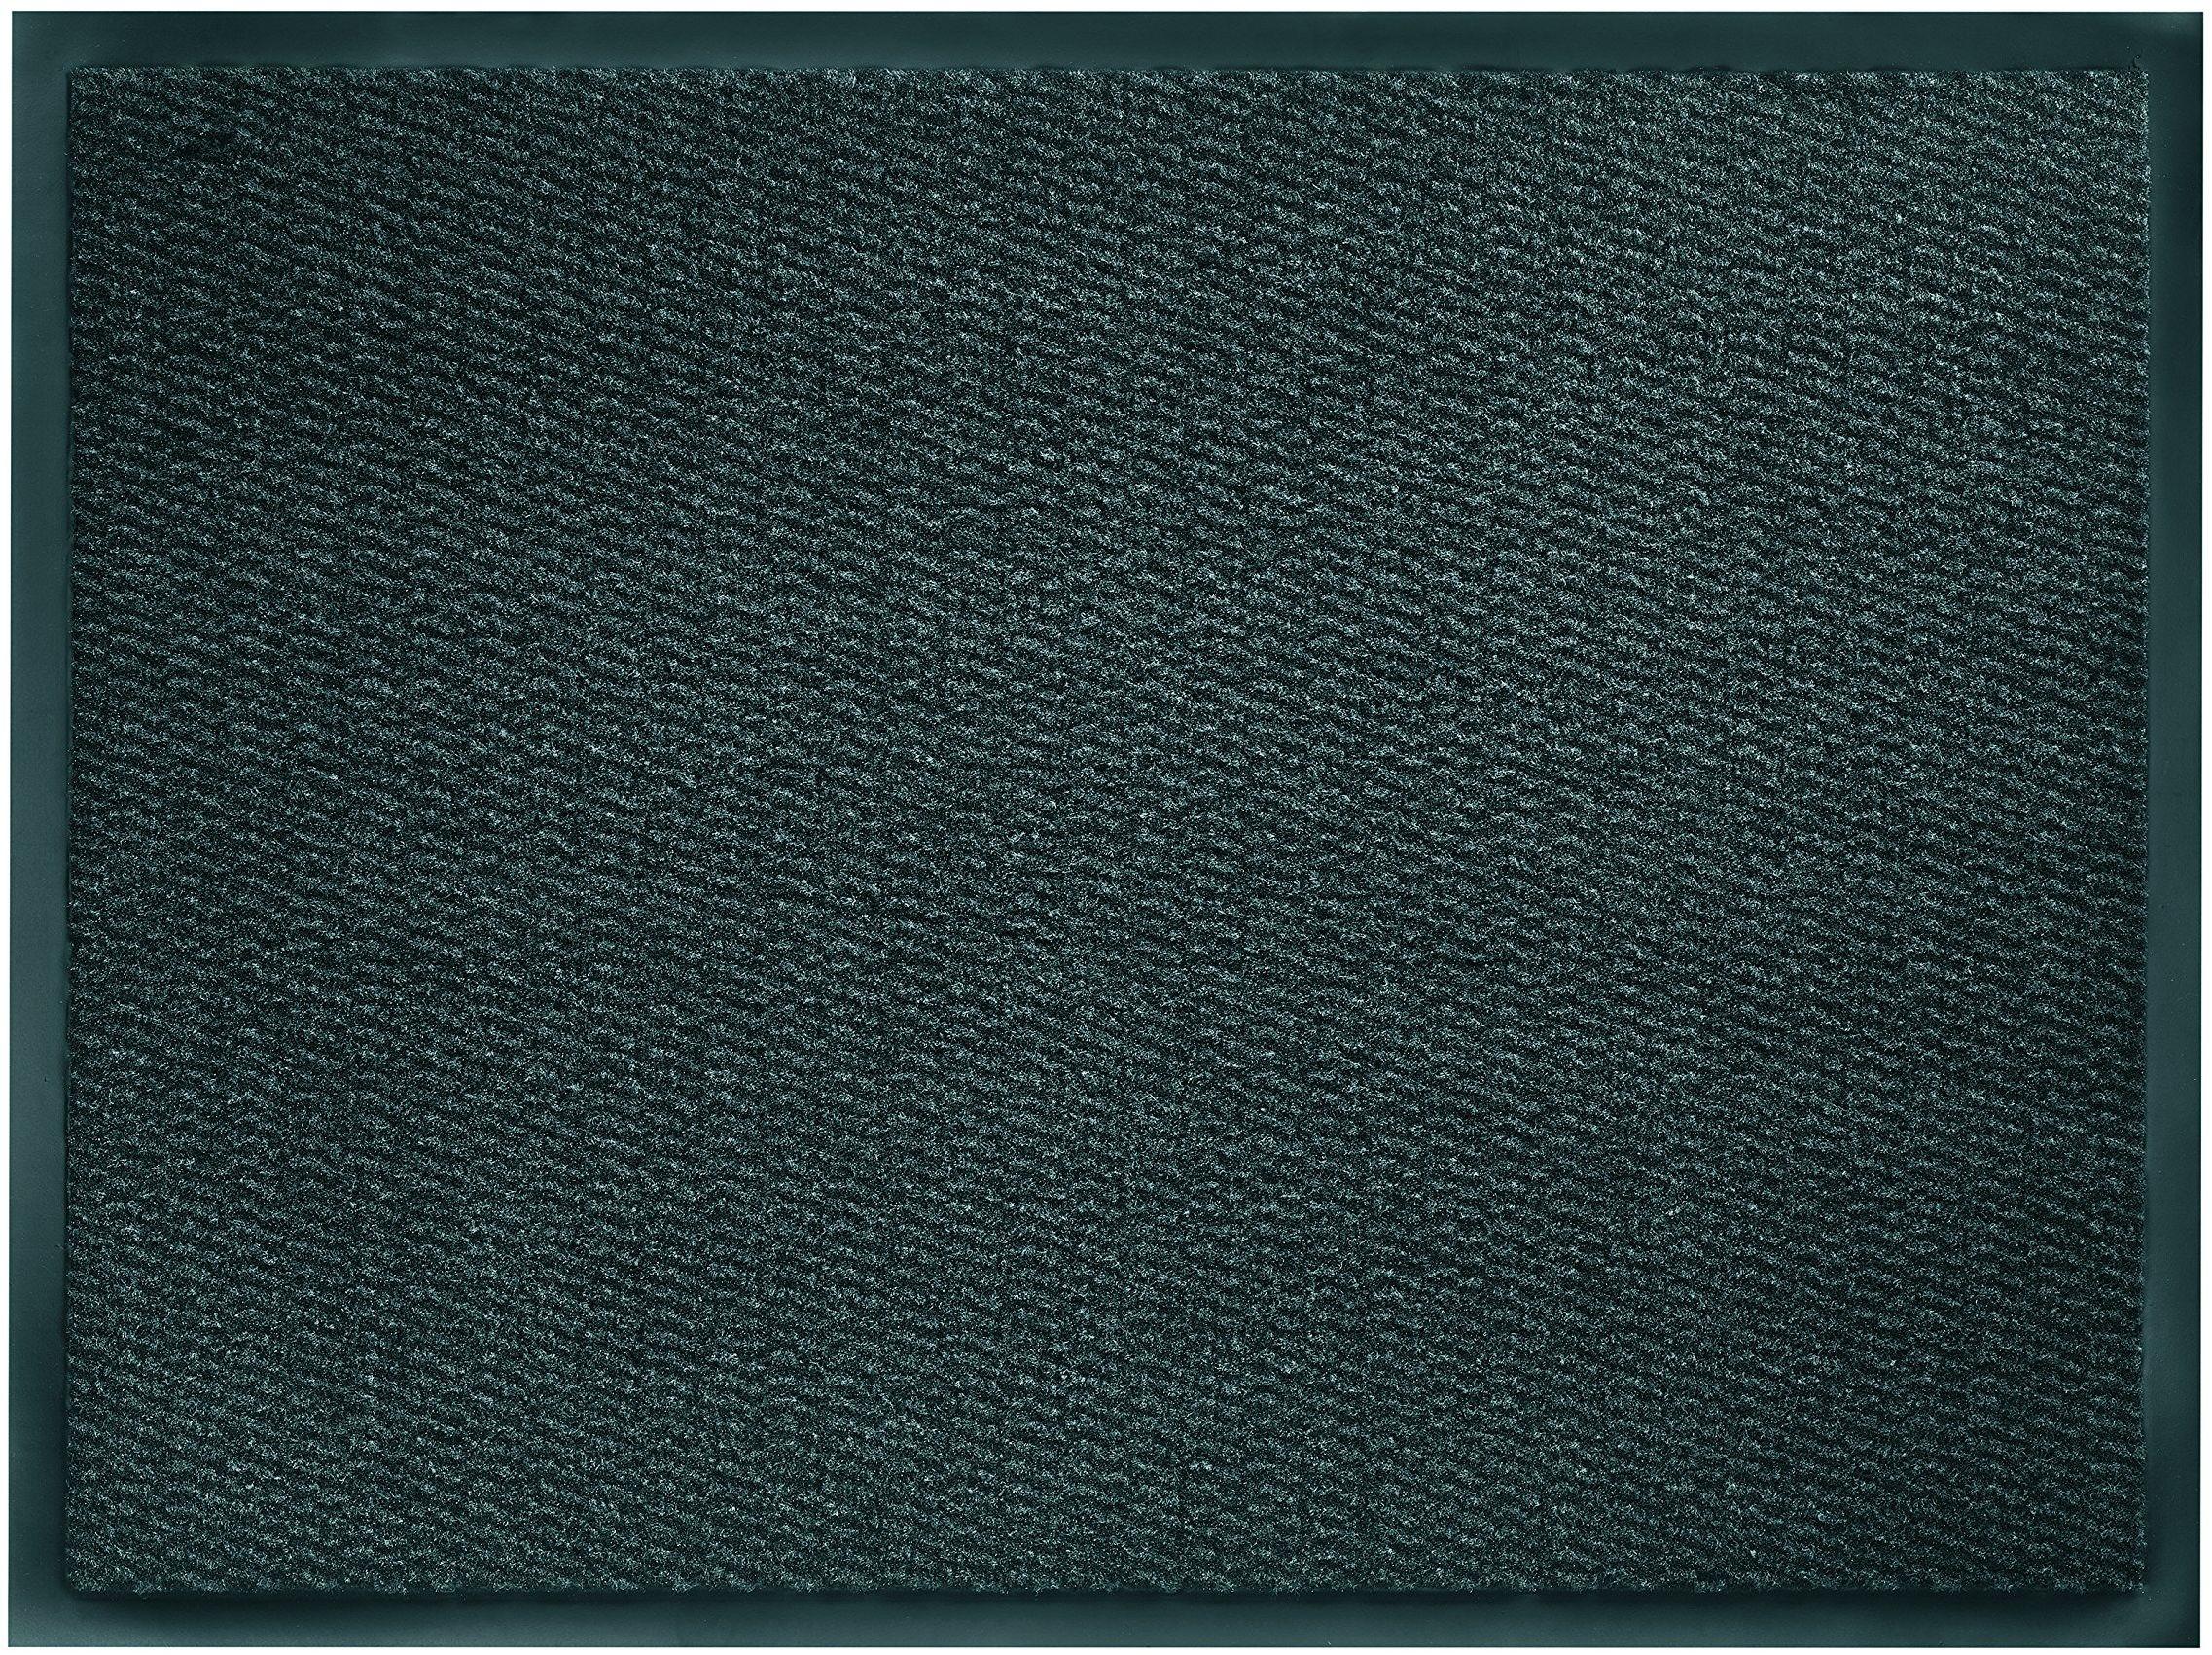 HMT wycieraczka z polipropylenu, kolor antracytowo-szary, 40 x 60 cm